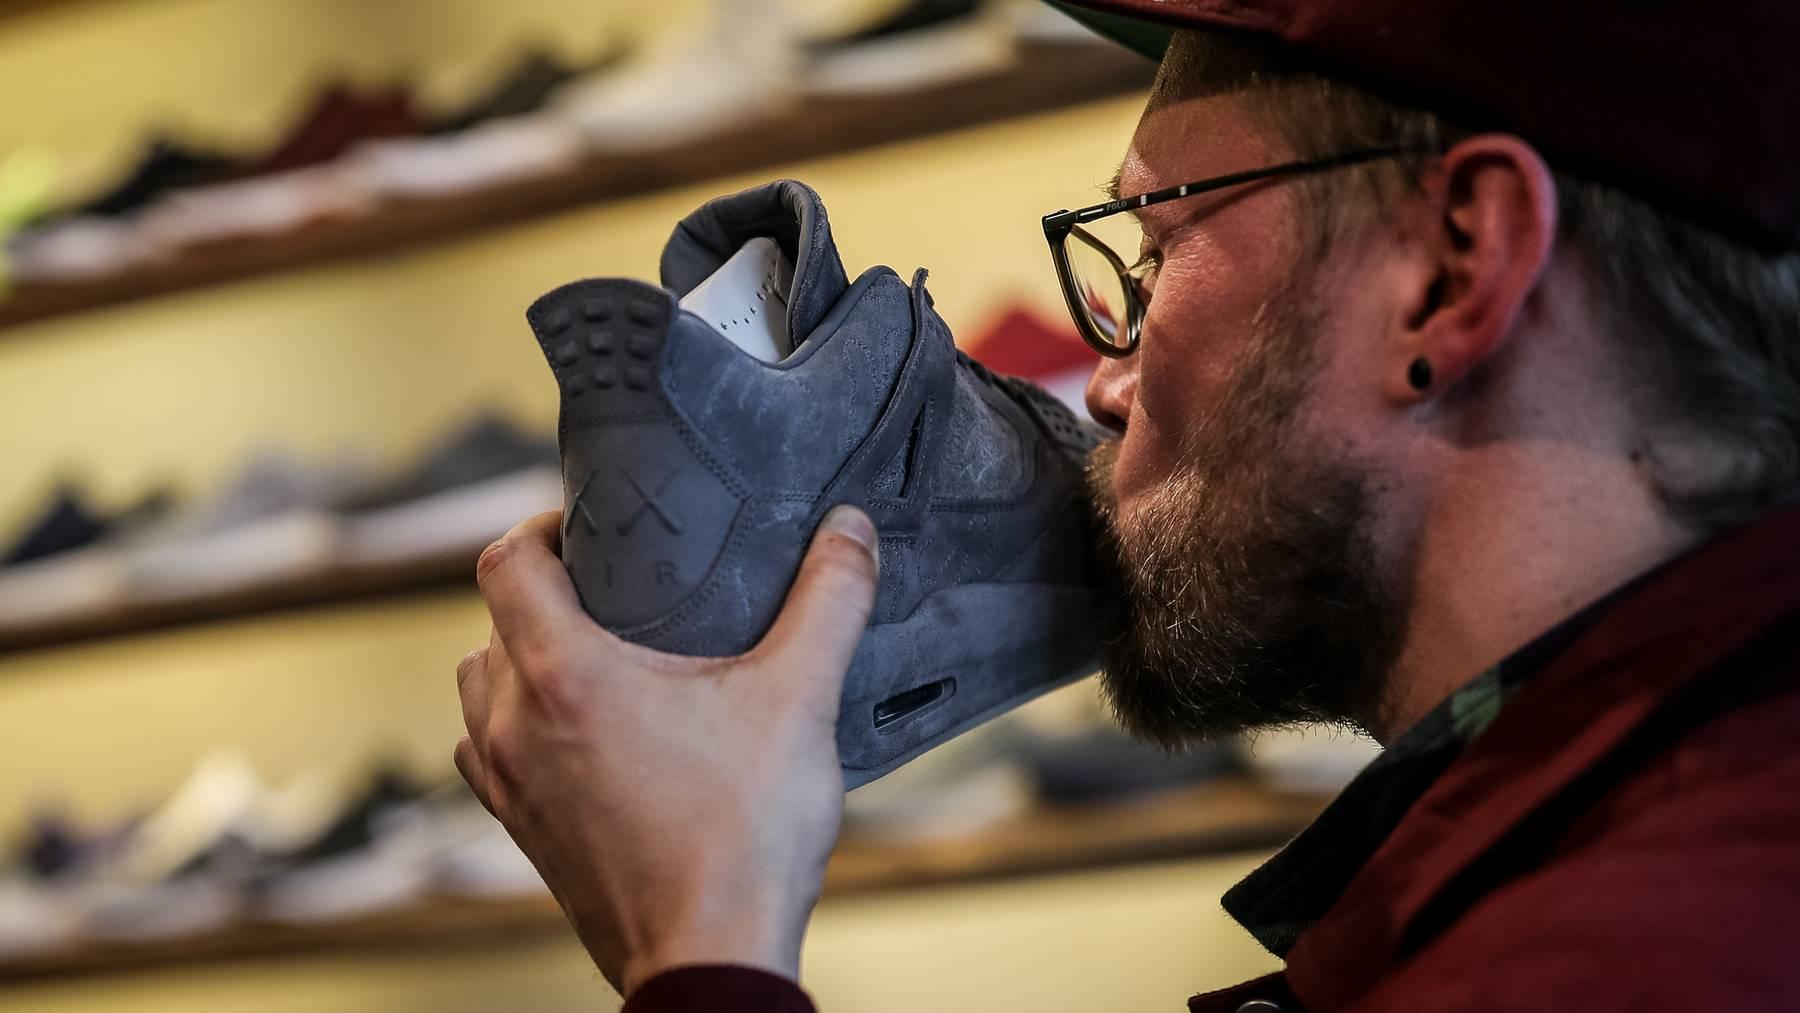 Für spezielle Schuhe stehen die Leute auch mal ein paar Tage an.